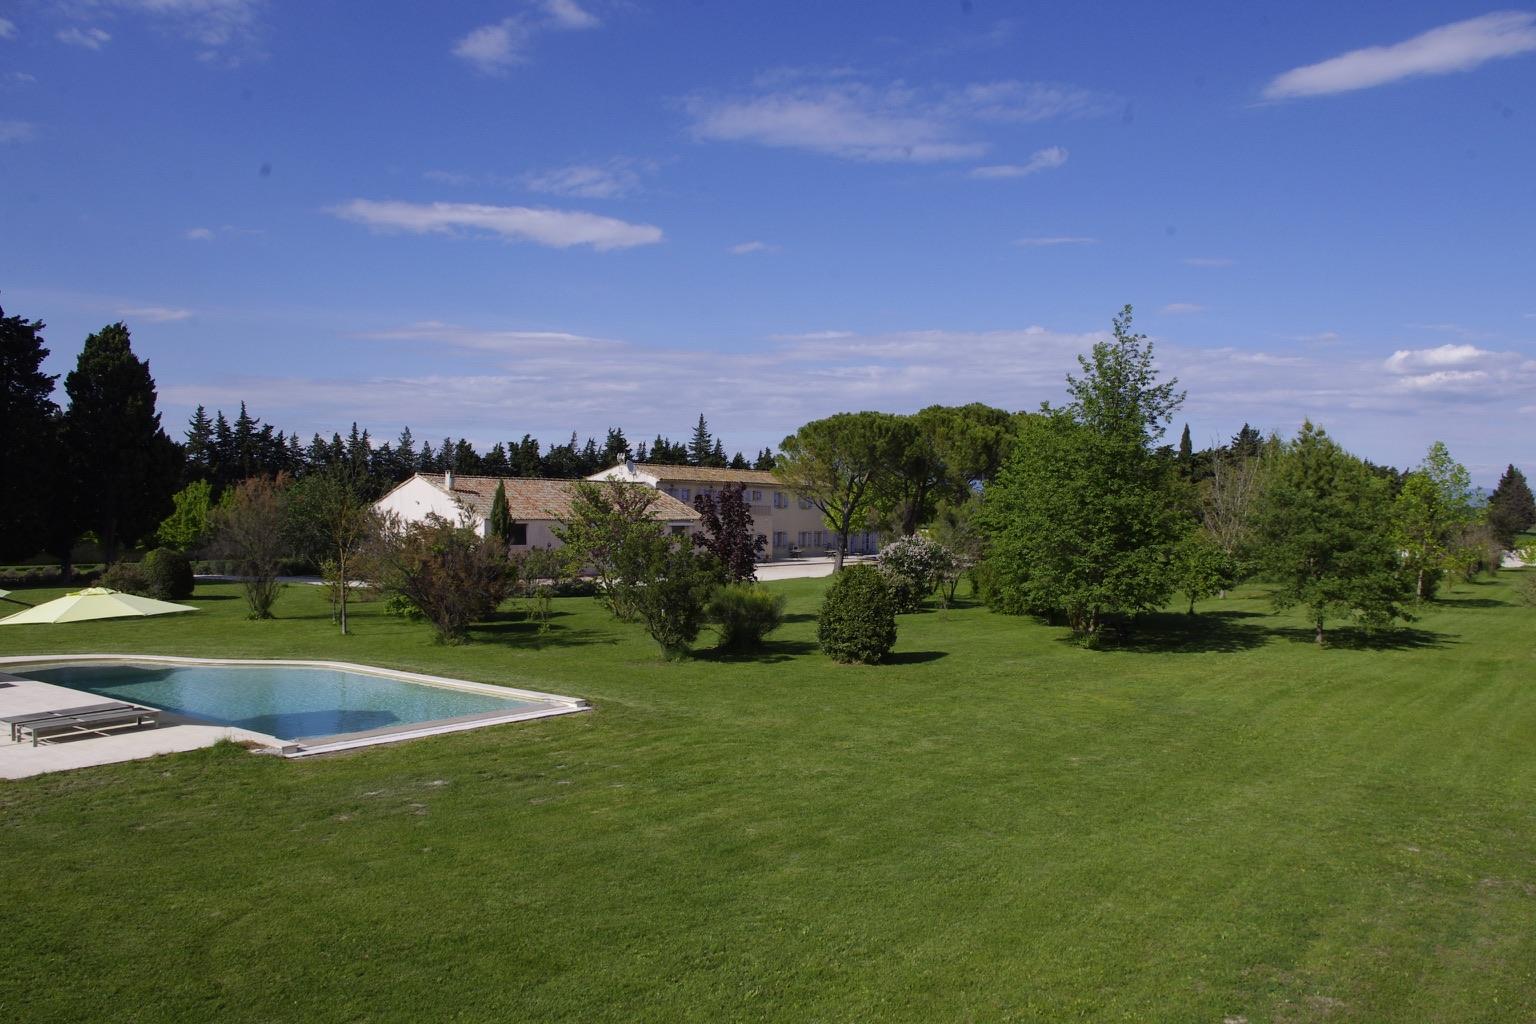 vue générale du parc, du mas et de la piscine